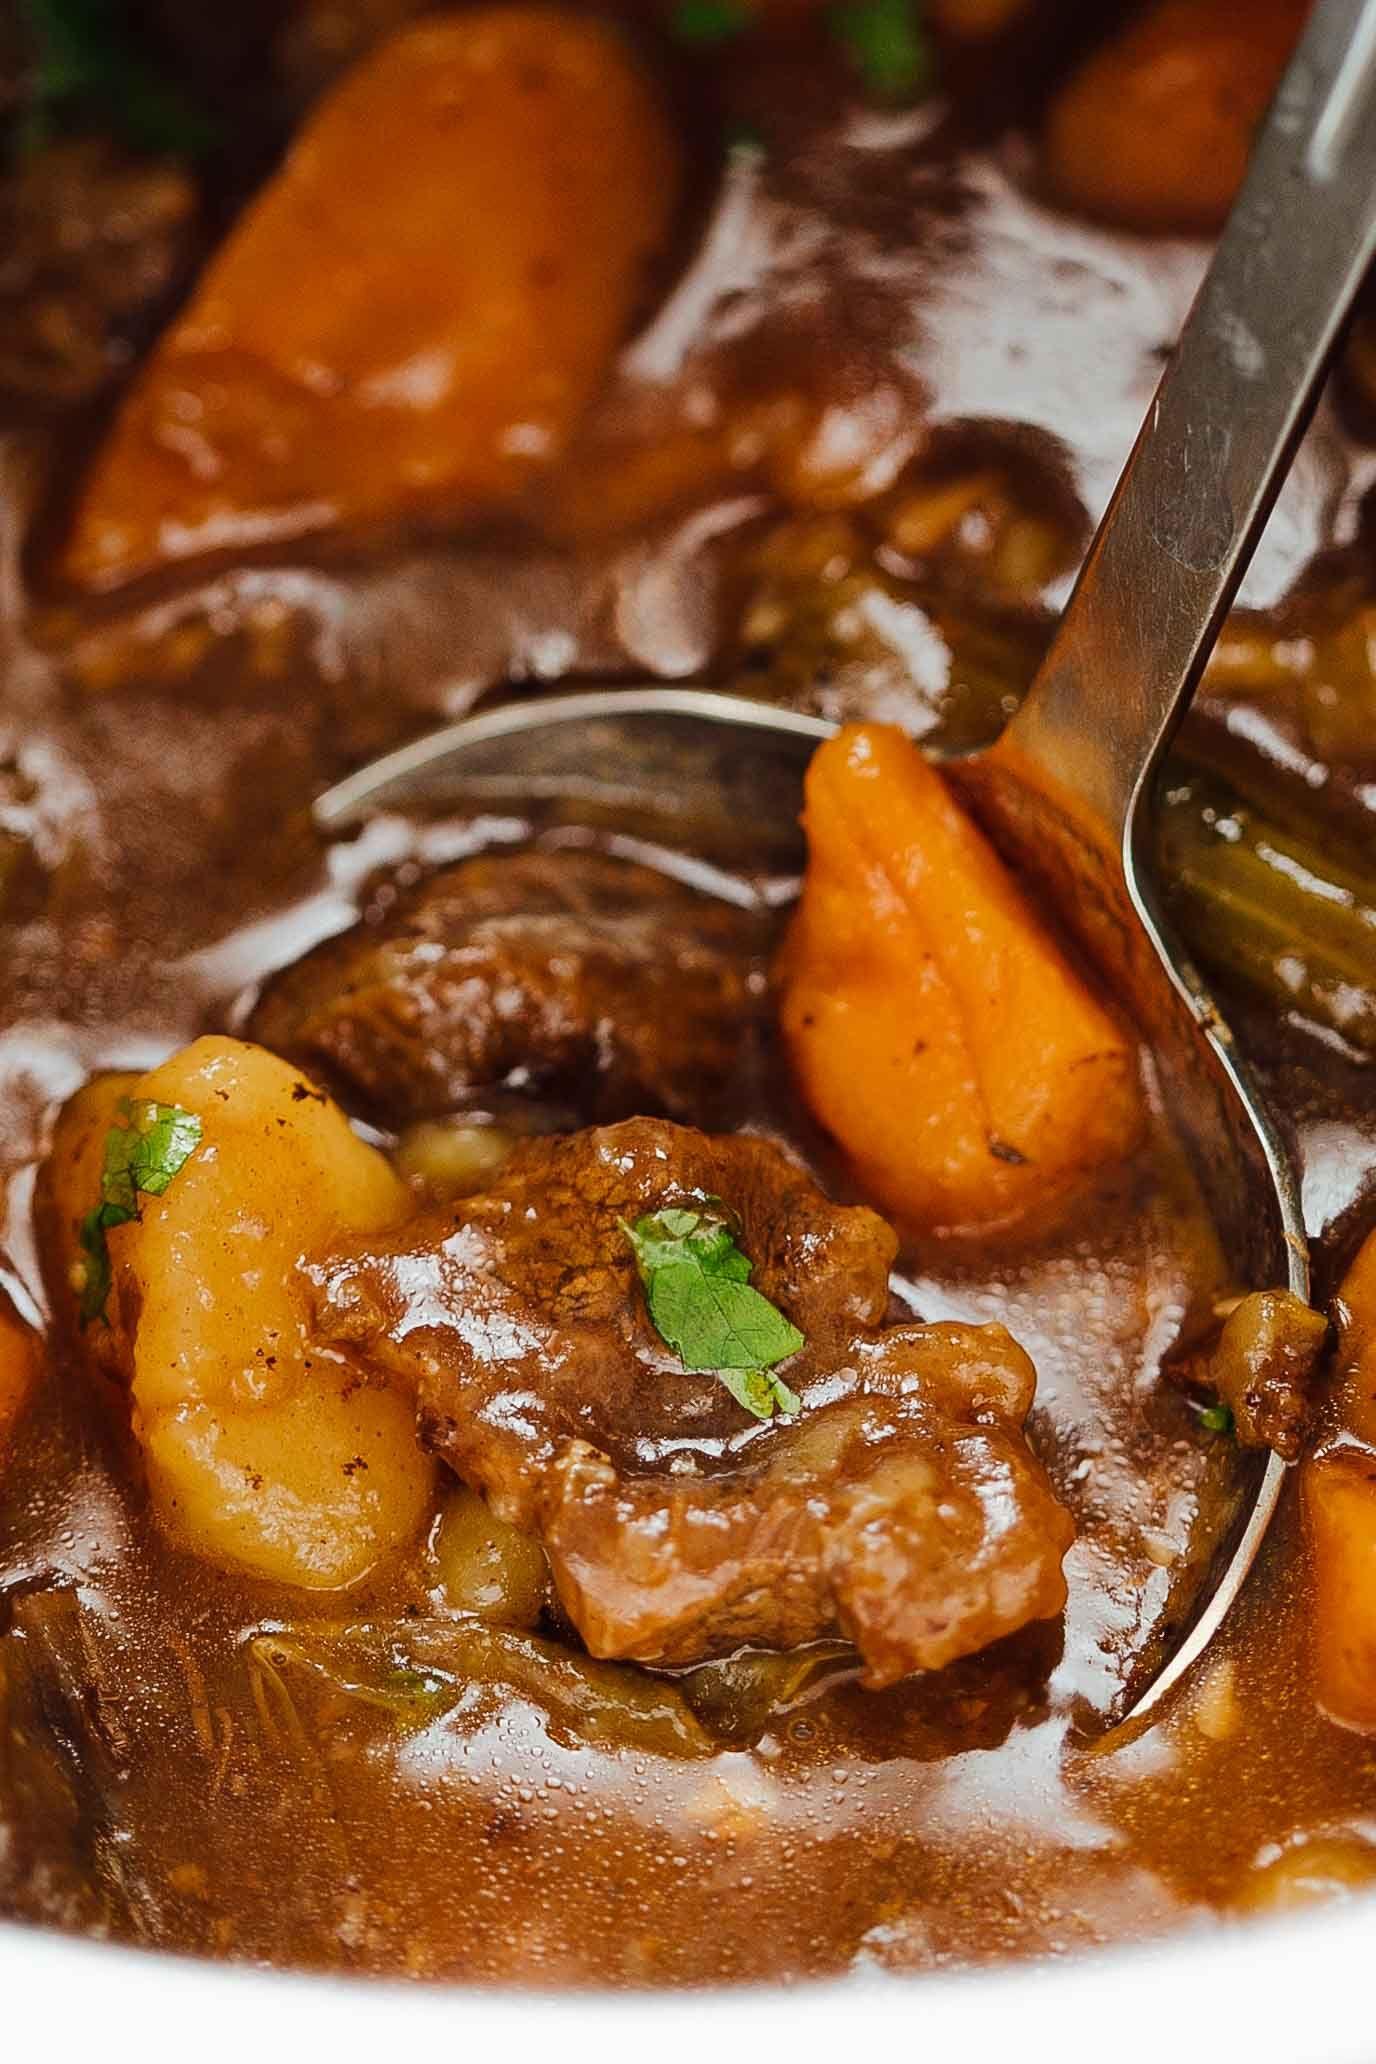 Easy Instant Pot Beef Stew Pressure Cooker Recipe Recipe Instant Pot Dinner Recipes Beef Stew Pressure Cooker Recipes Beef Stew Recipe